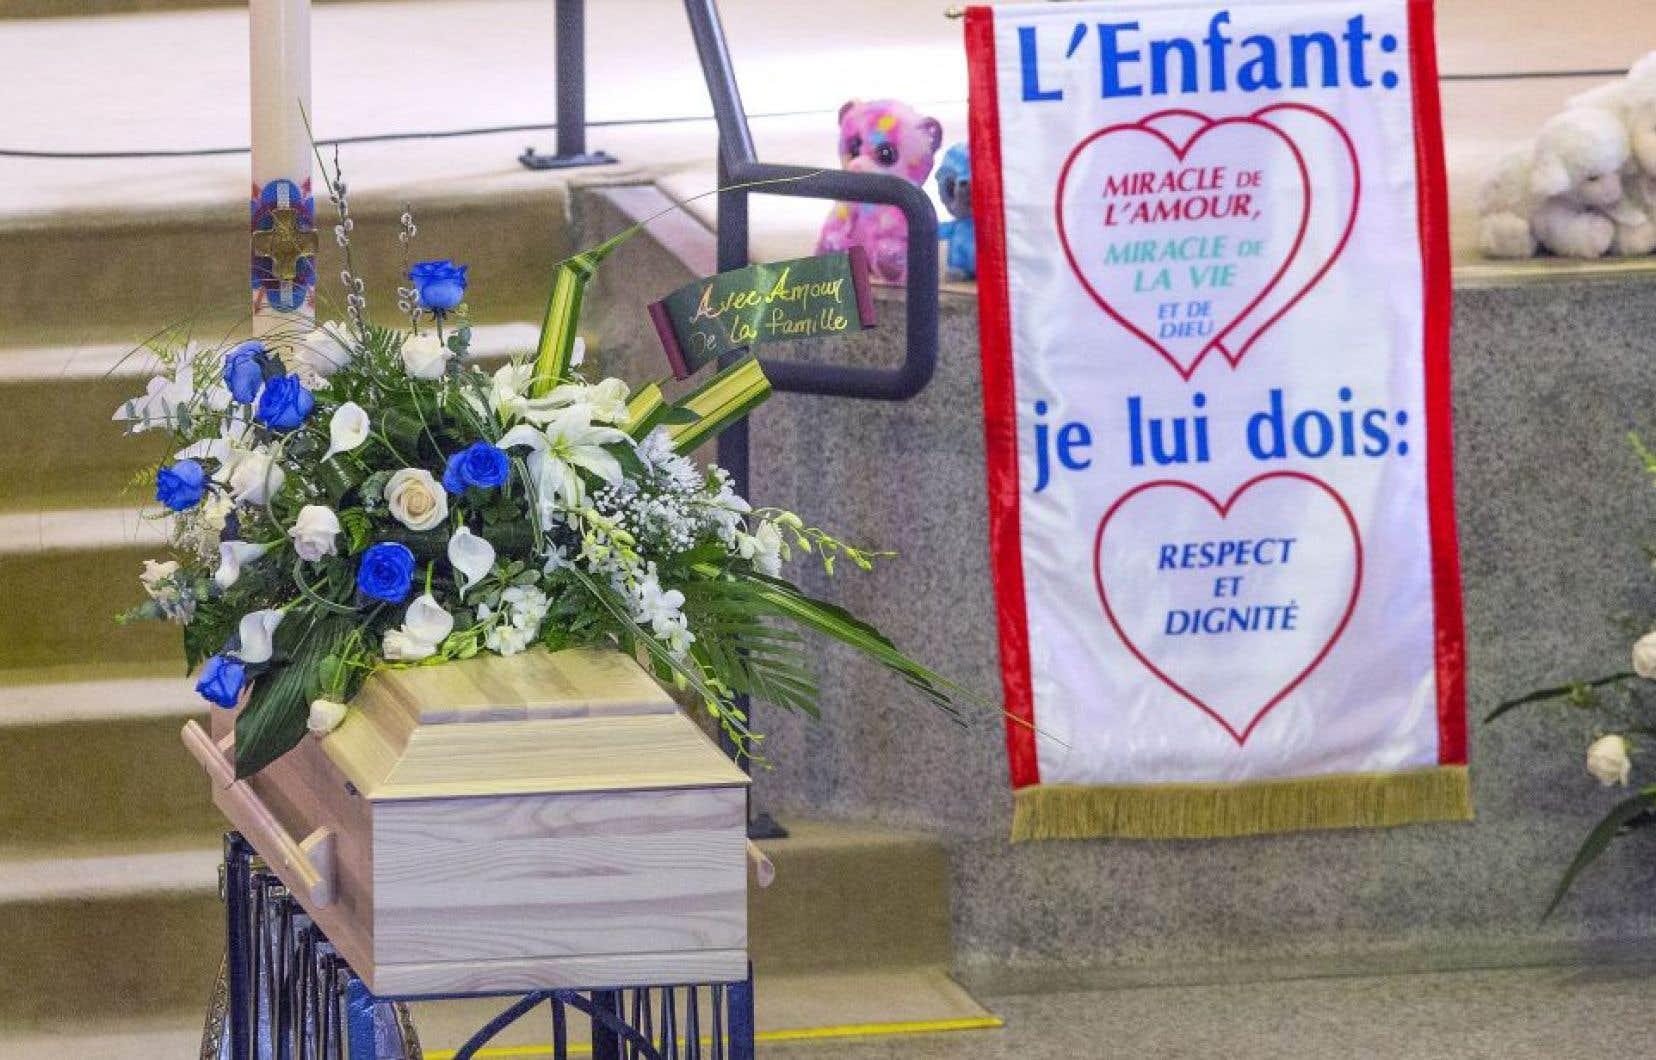 Les funérailles de l'enfant de sept ans ont été célébrées le 9 mai dernier à Granby.